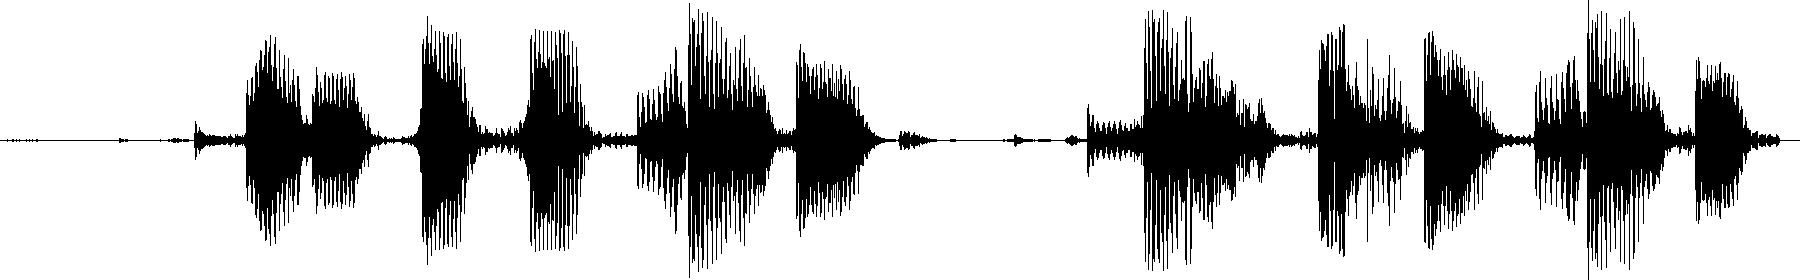 guitarfunk16 120